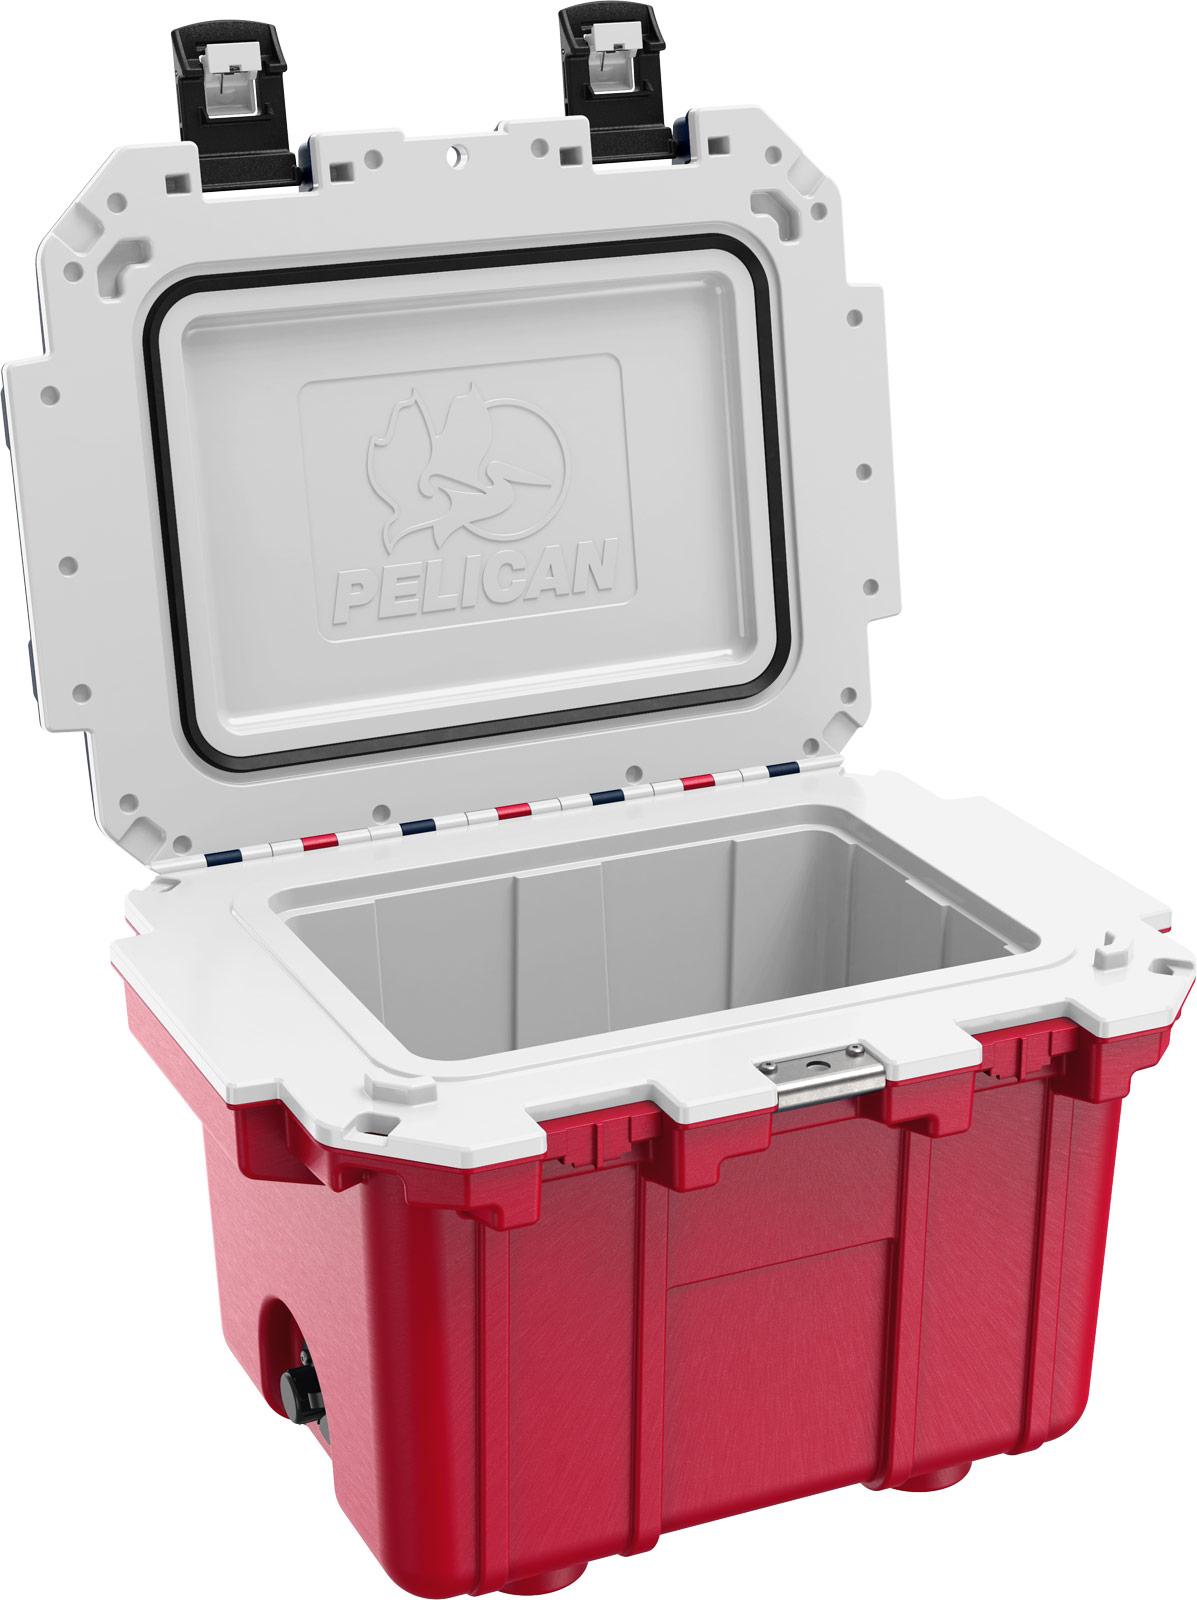 pelican picnic cooler 30qt americana red white blue